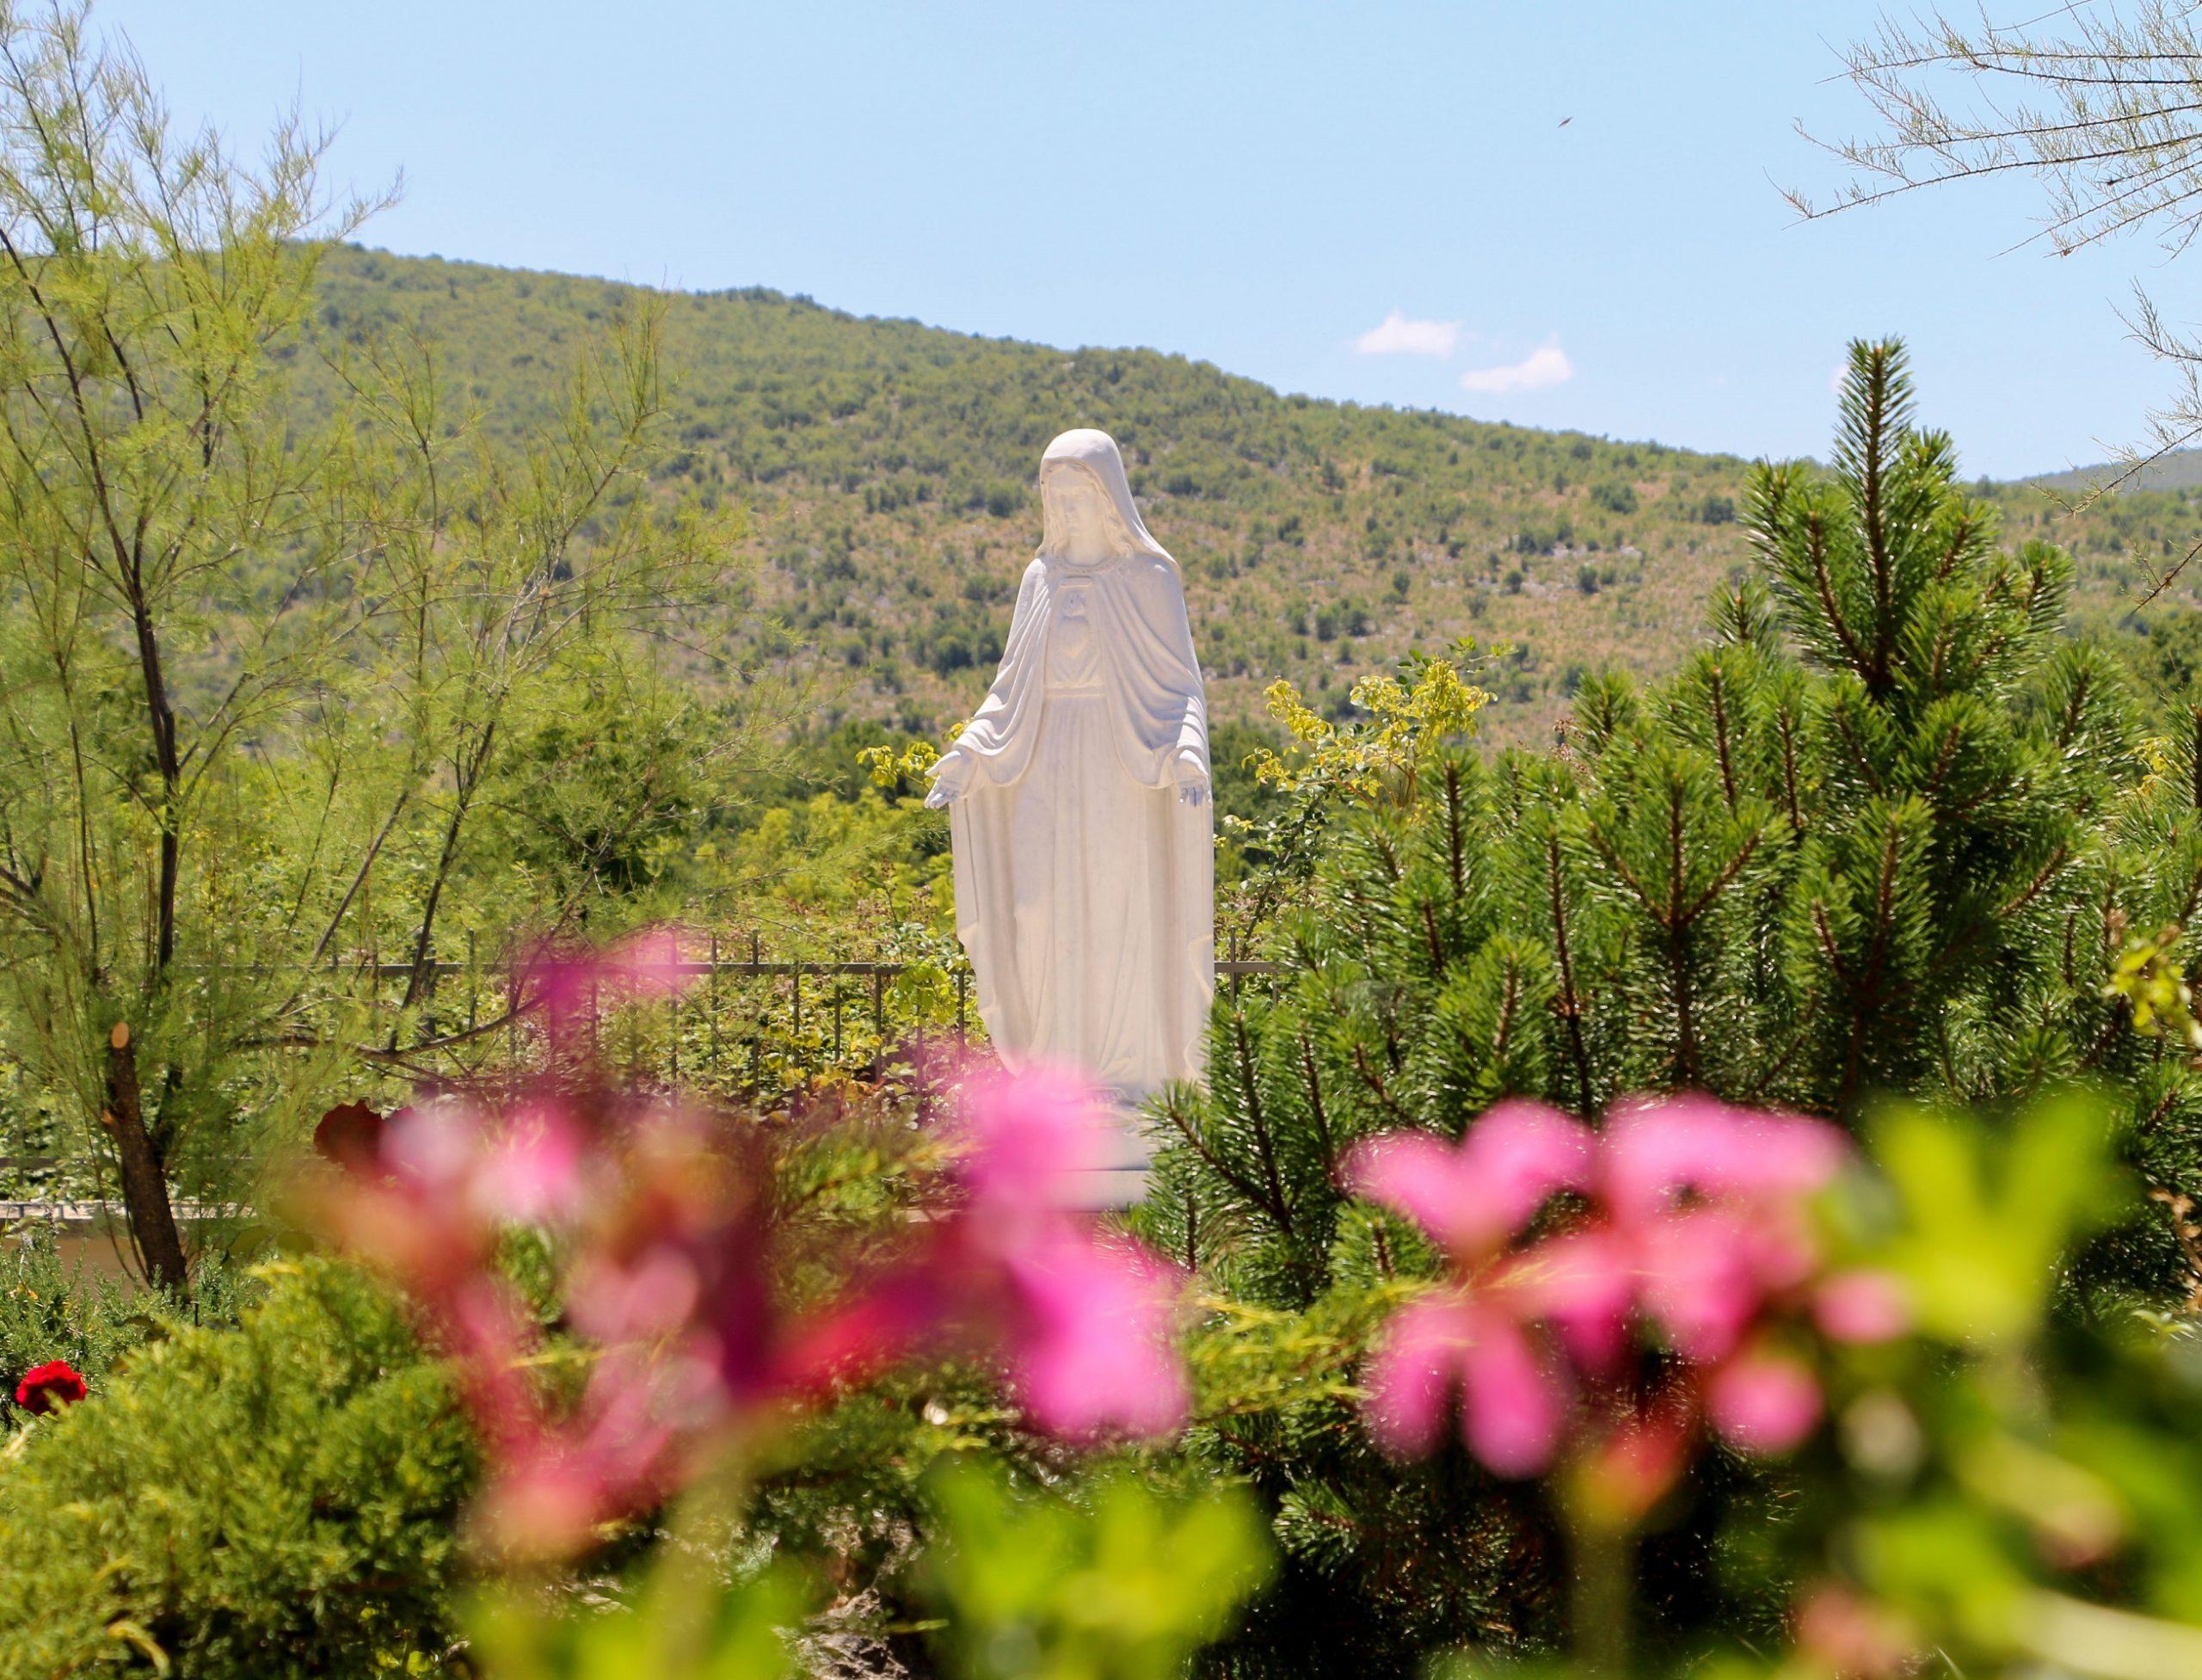 Je čas byť odbleskom Máriinej lásky (Terézia Gažiová)